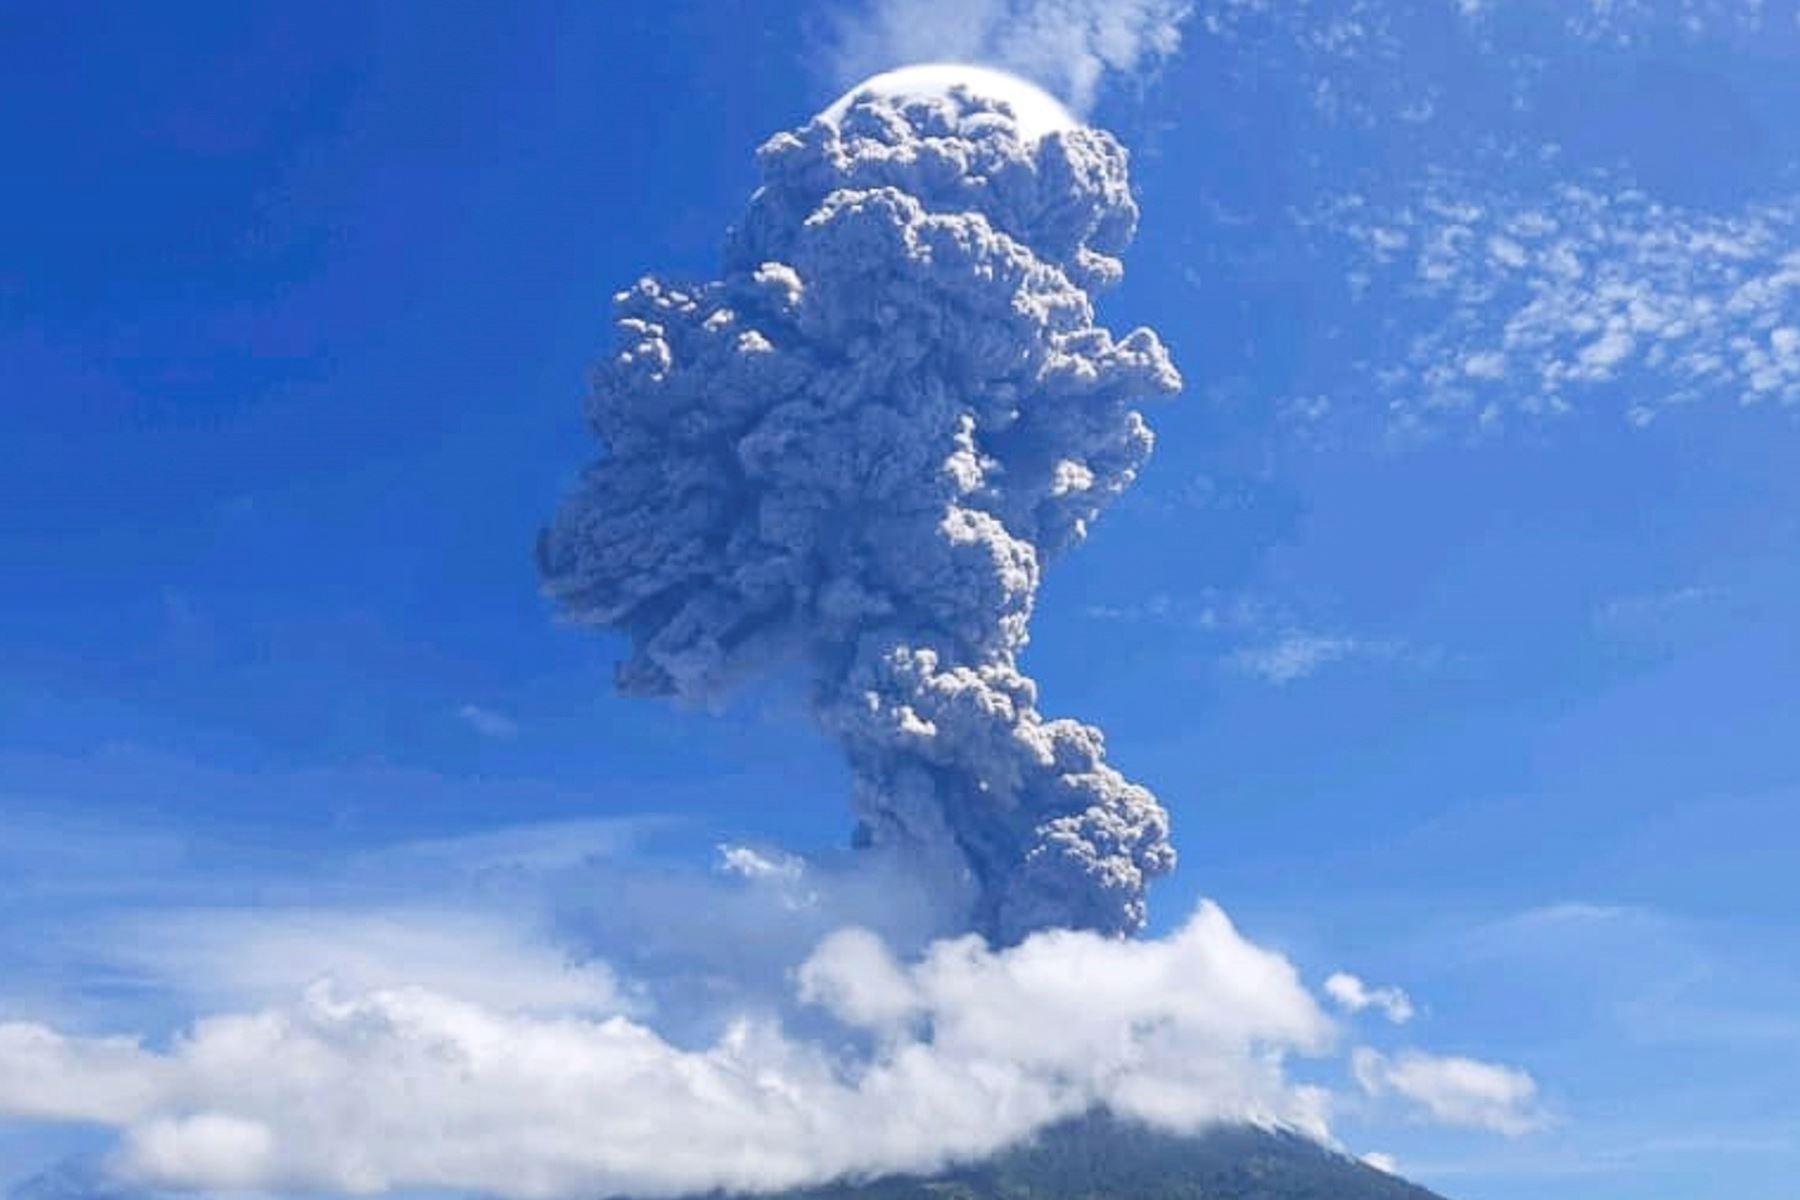 Erupción del volcán Lewotolo en Indonesia, que proyectó una columna de humo y cenizas a más de cuatro kilómetros de altura, informaron el lunes las autoridades indonesias. Foto: EFE